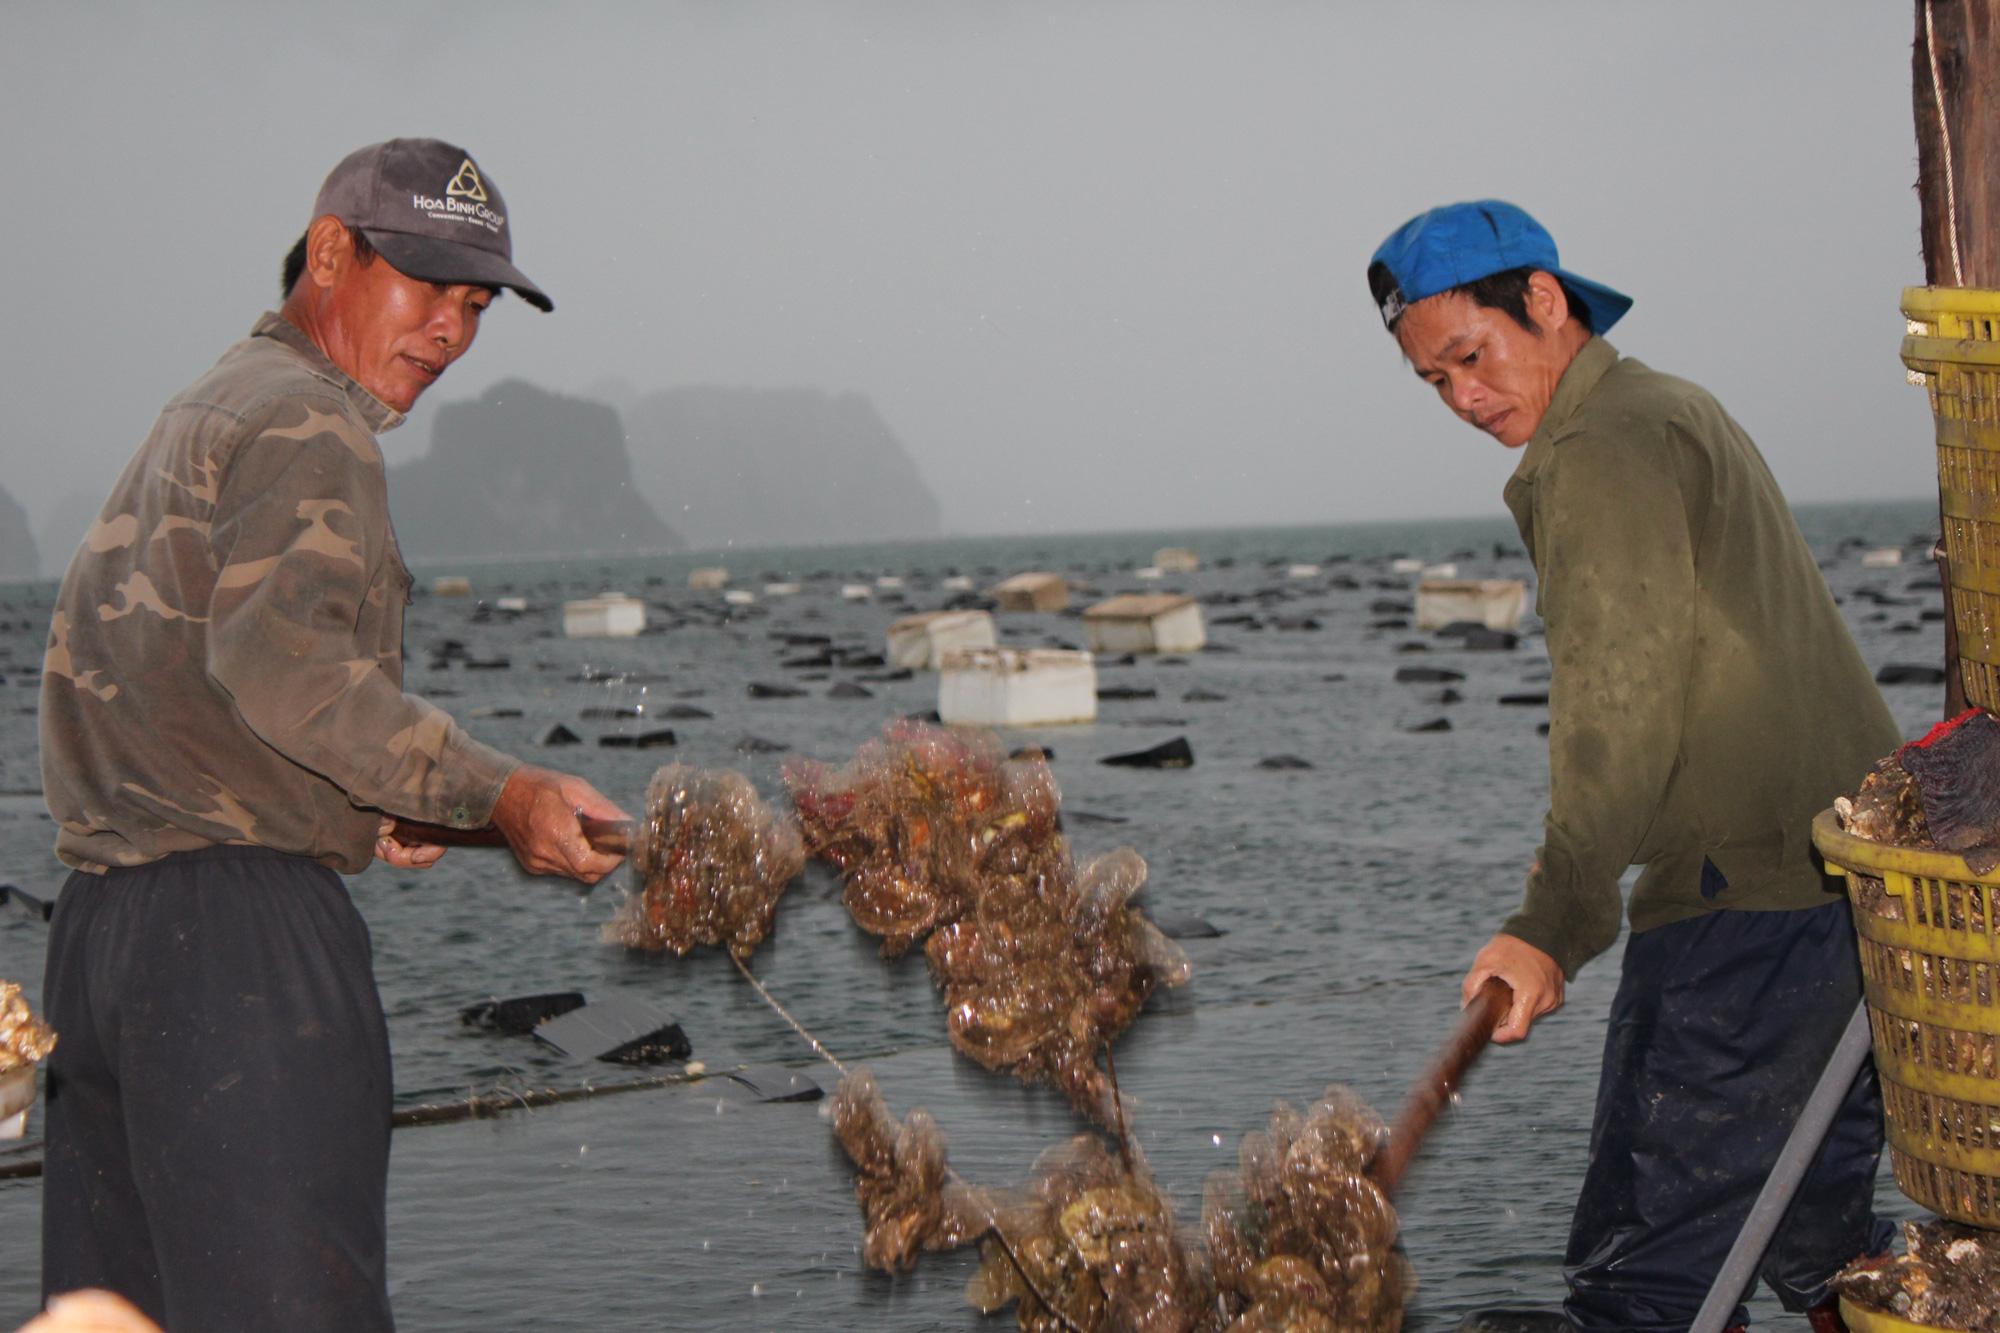 Quảng Ninh: Hàu sữa rớt giá vì dịch COVID-19, ngư dân trắng đêm thu hoạch - Ảnh 13.